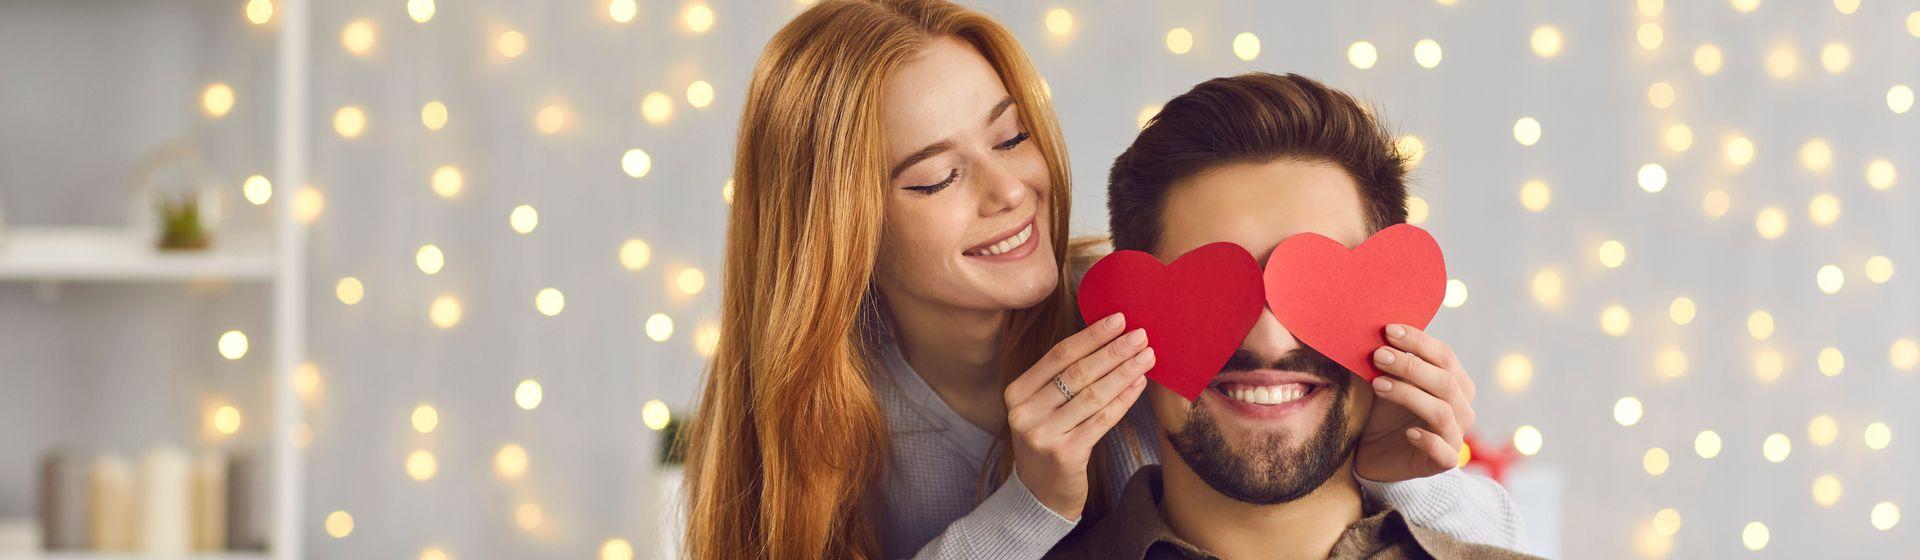 Presente de dia dos namorados: veja opções de eletrônicos